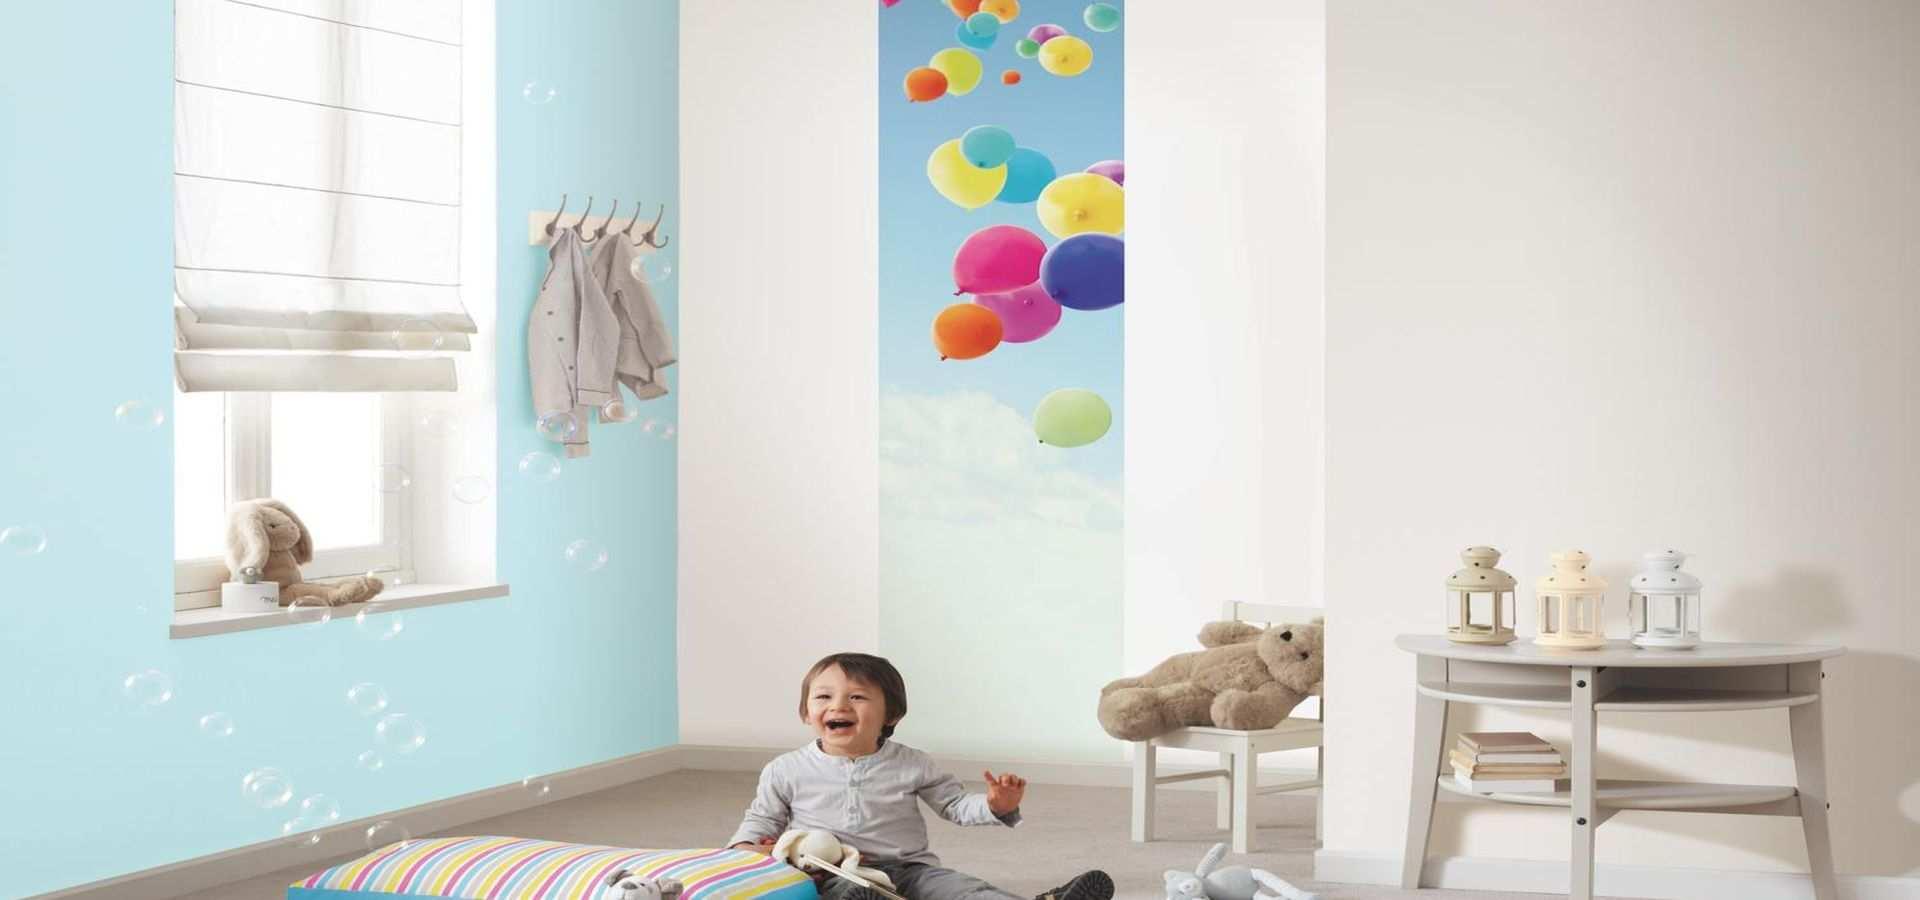 Bild Kinderzimmer Tapete fliegende Luftballons